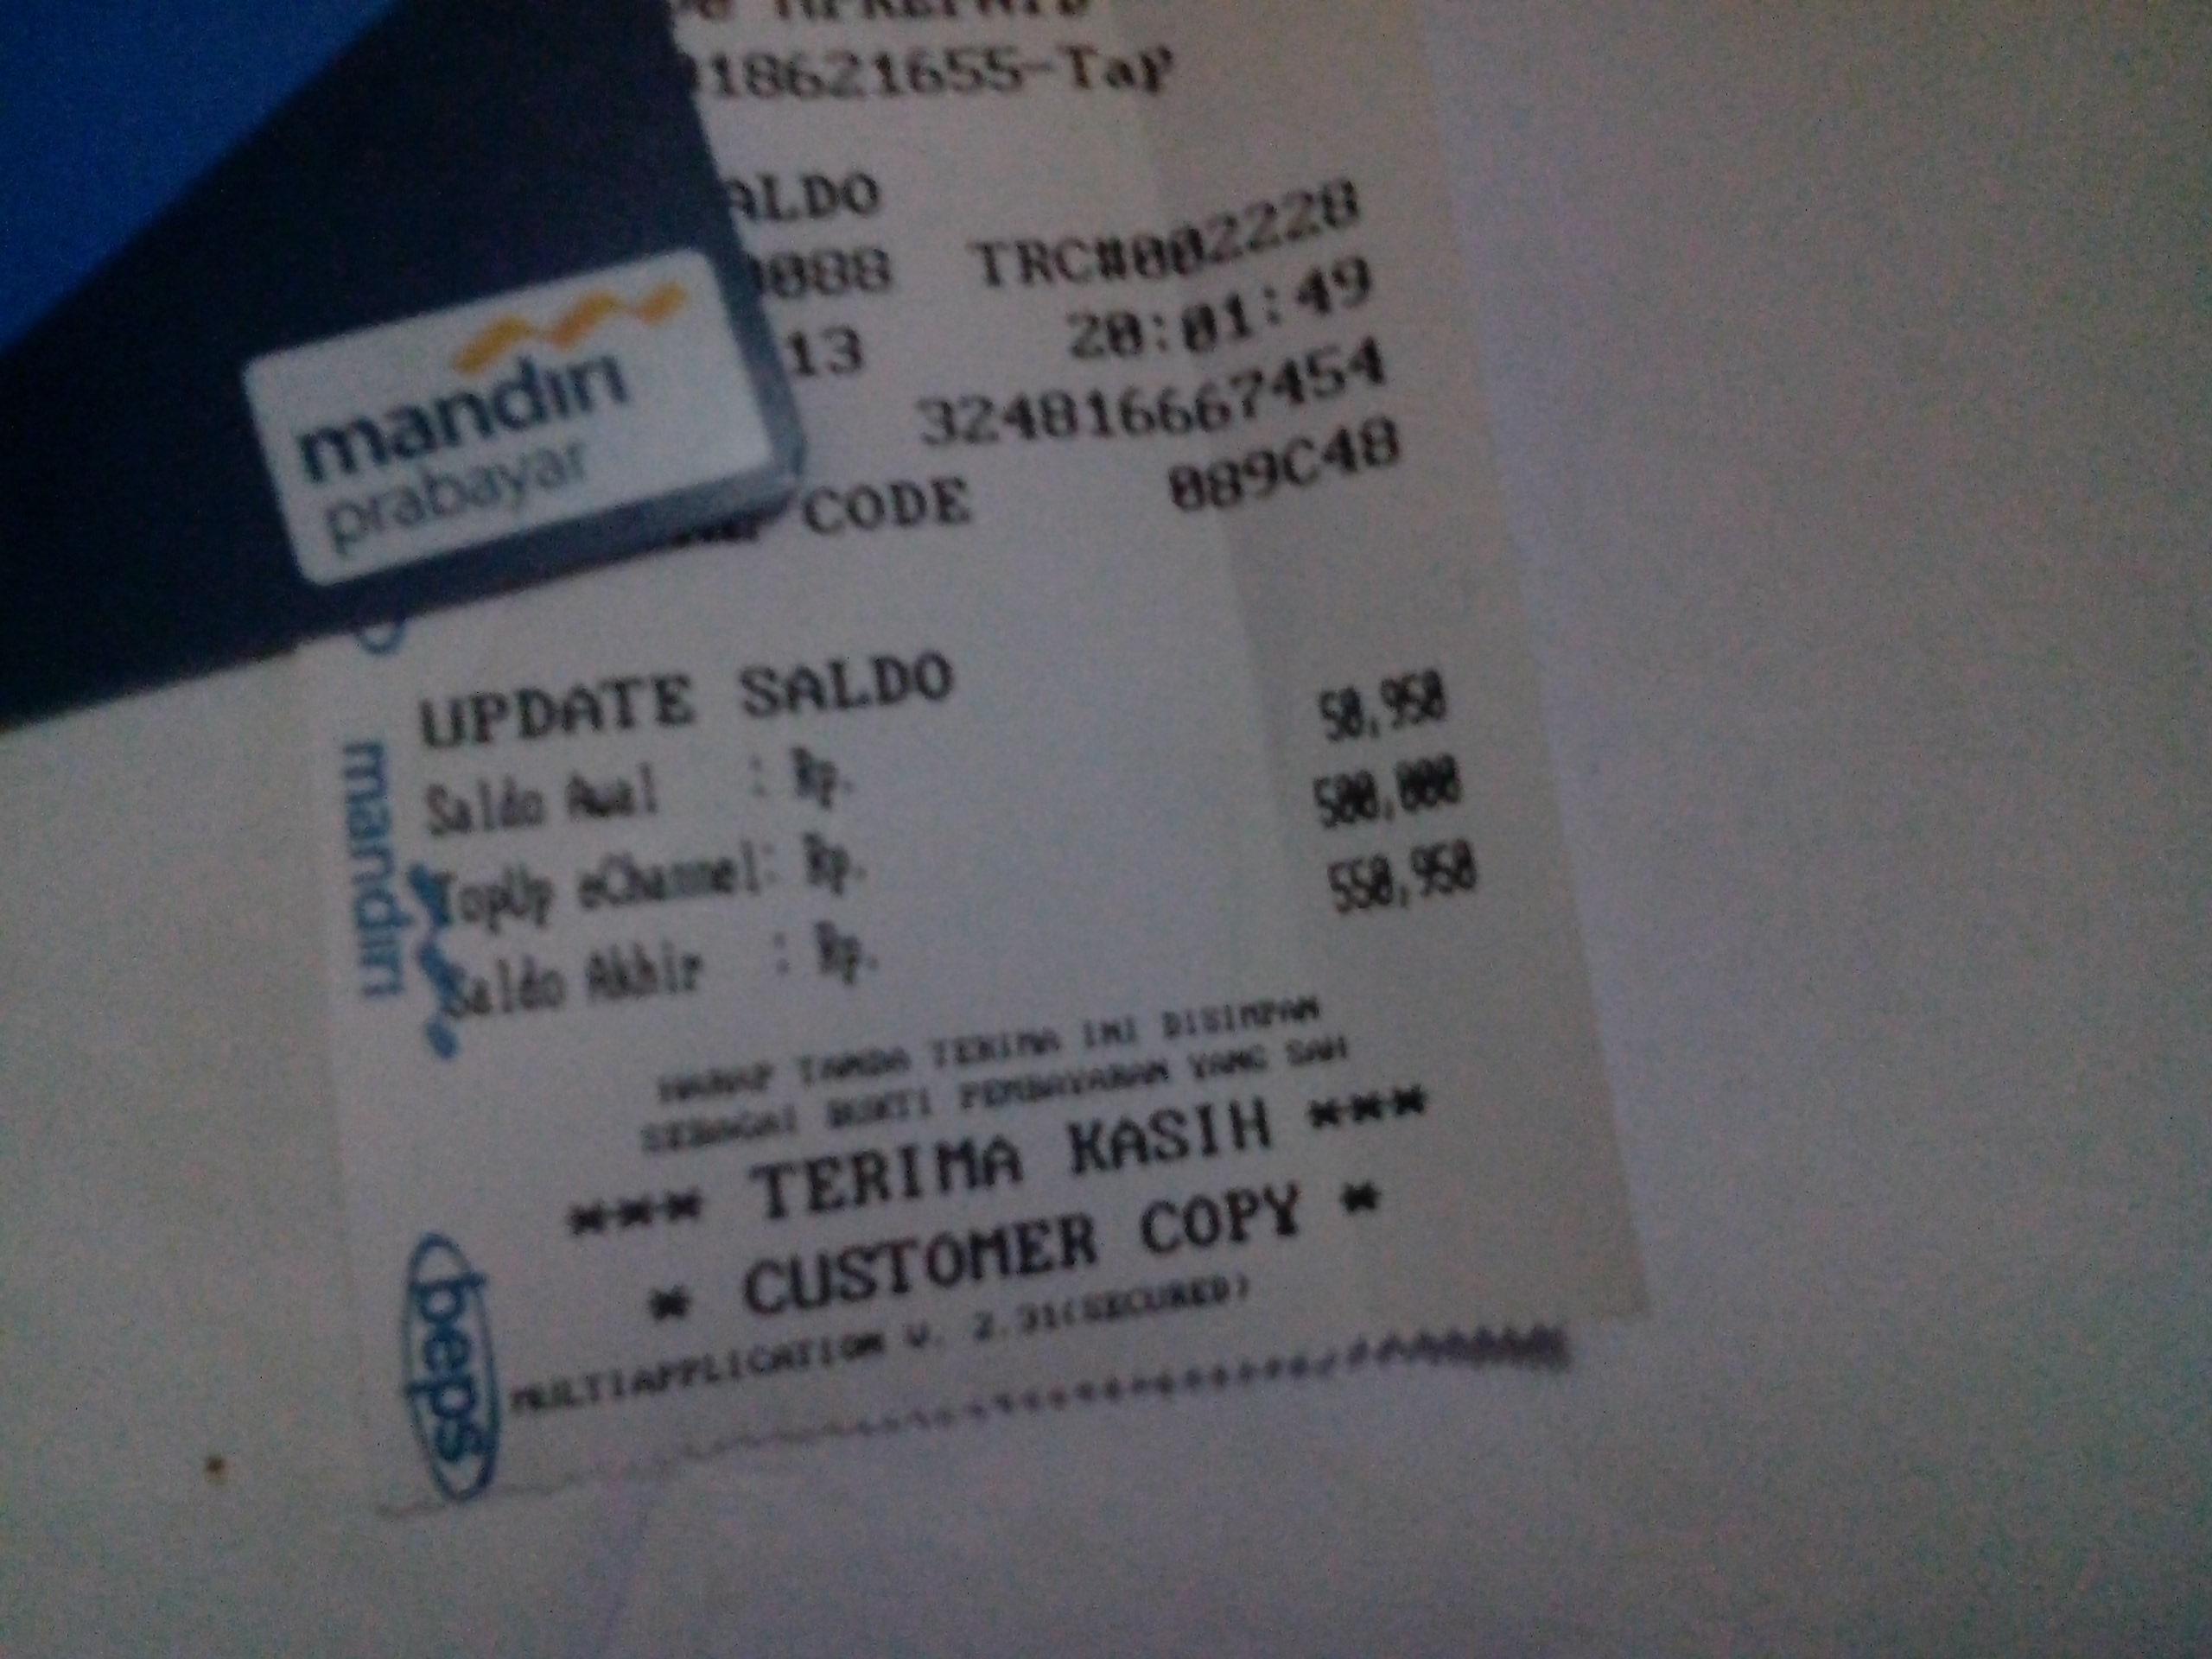 Indomaret Card Sugeng Rawuh Di Halaman Saya Voucher Alfa Dan Ternyata Abinya Fafa Memenangkan Promo Karena Menggunakan Kartu Untuk Pembayaran Tarif Busway Baru Kali Ini Dapet Hadiahagak Ga